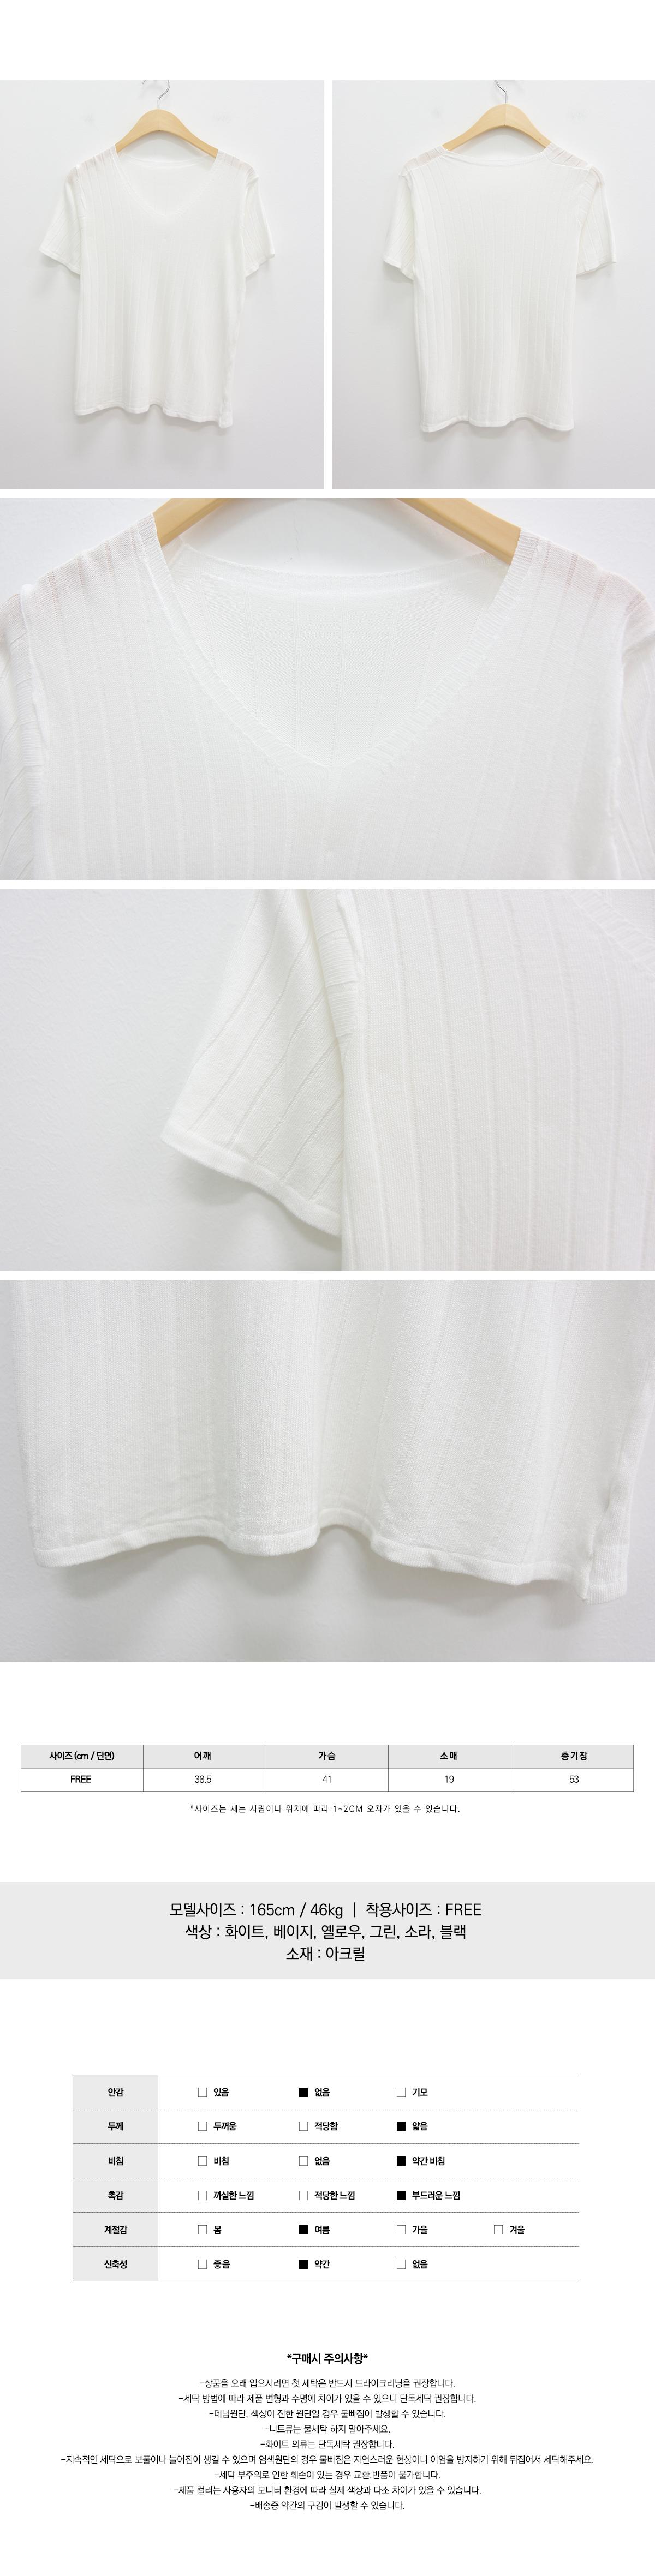 Humming Ribbed V-Neck Knitwear